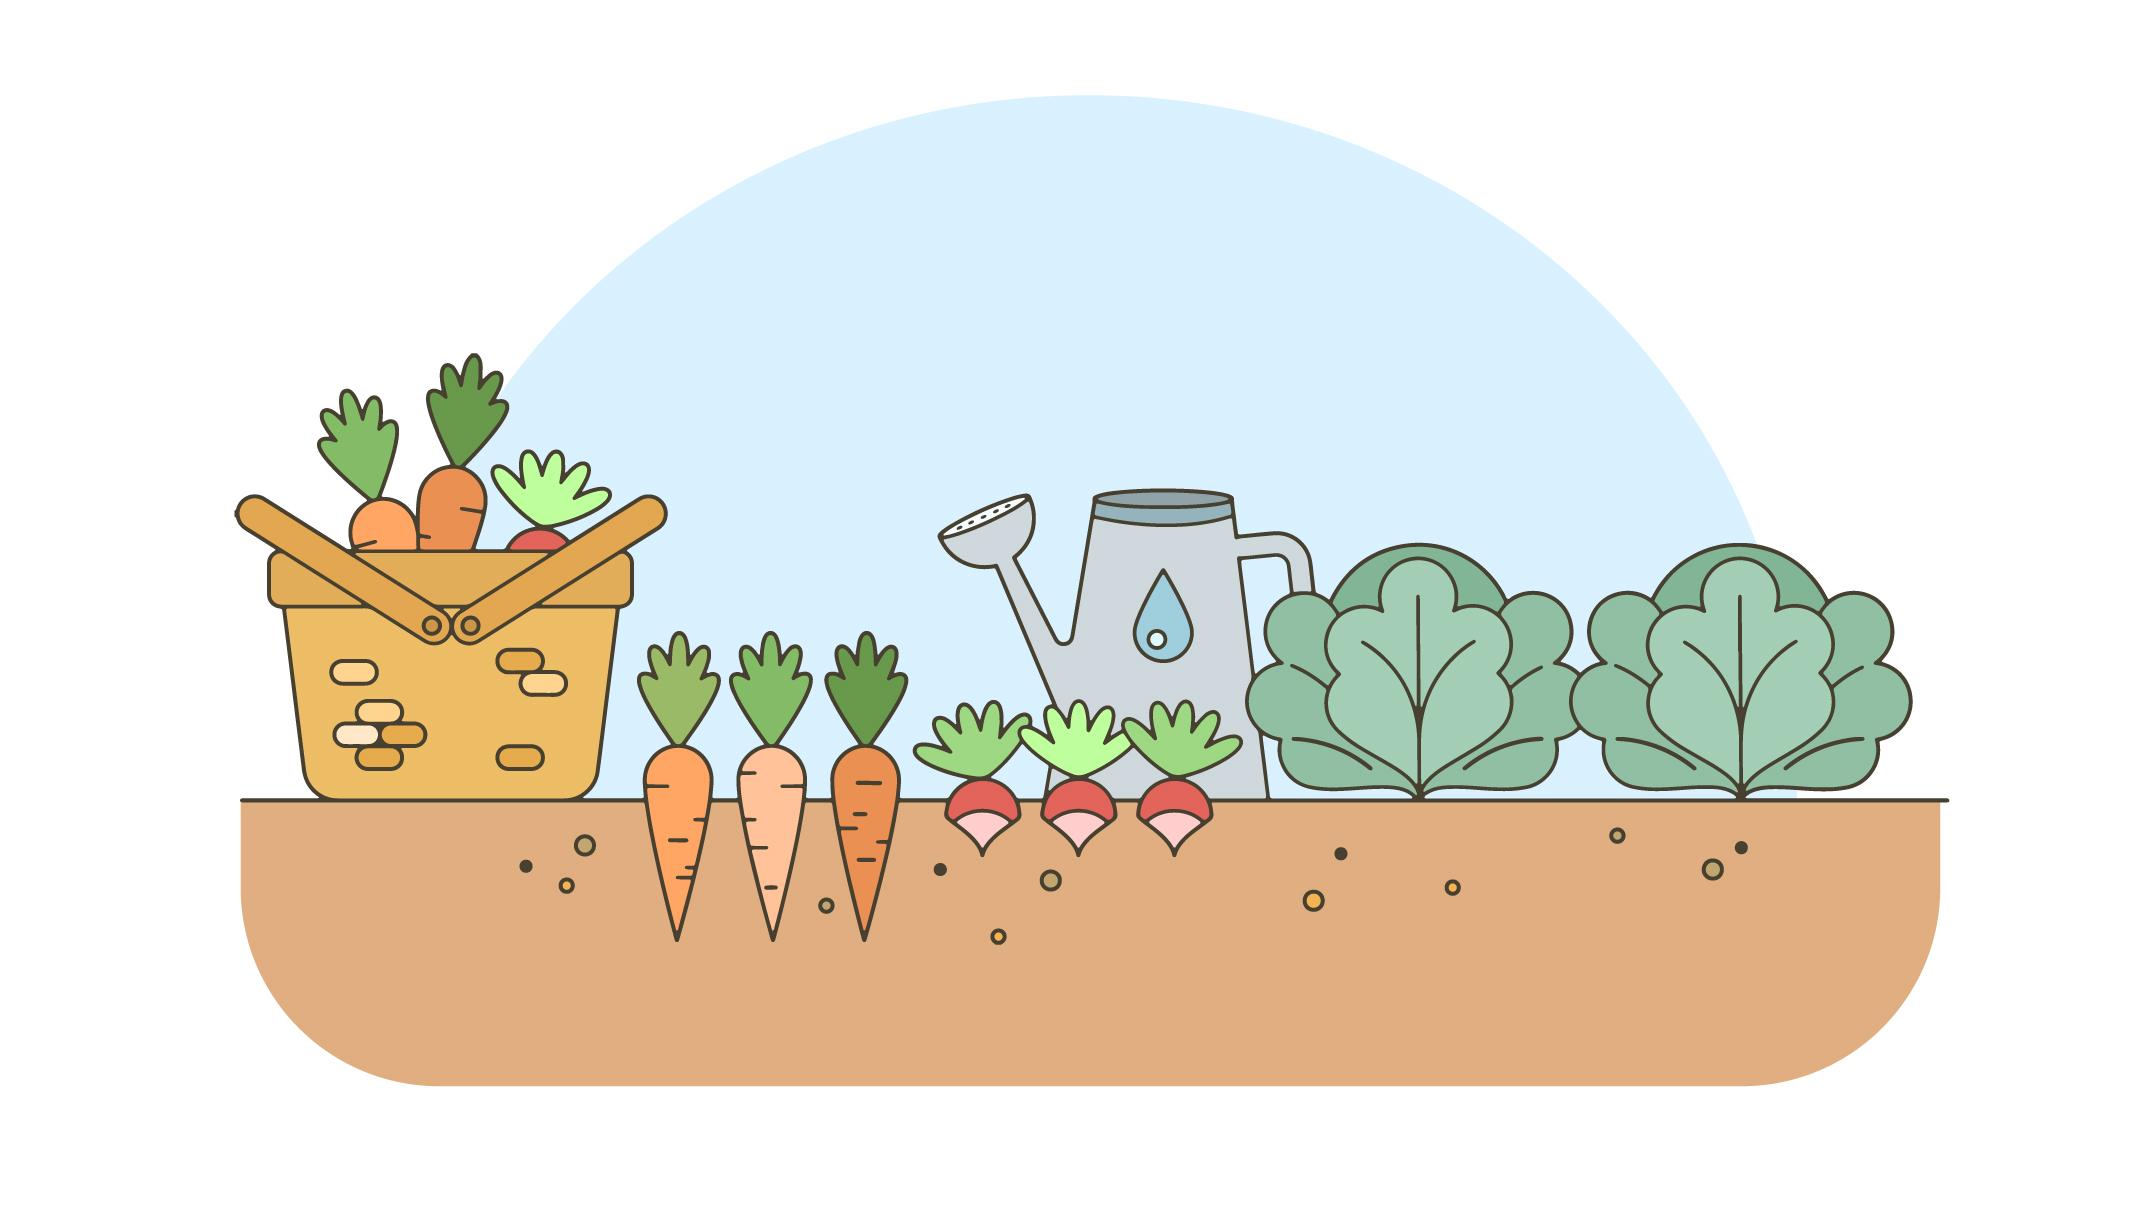 рисунок огорода картинки домашних